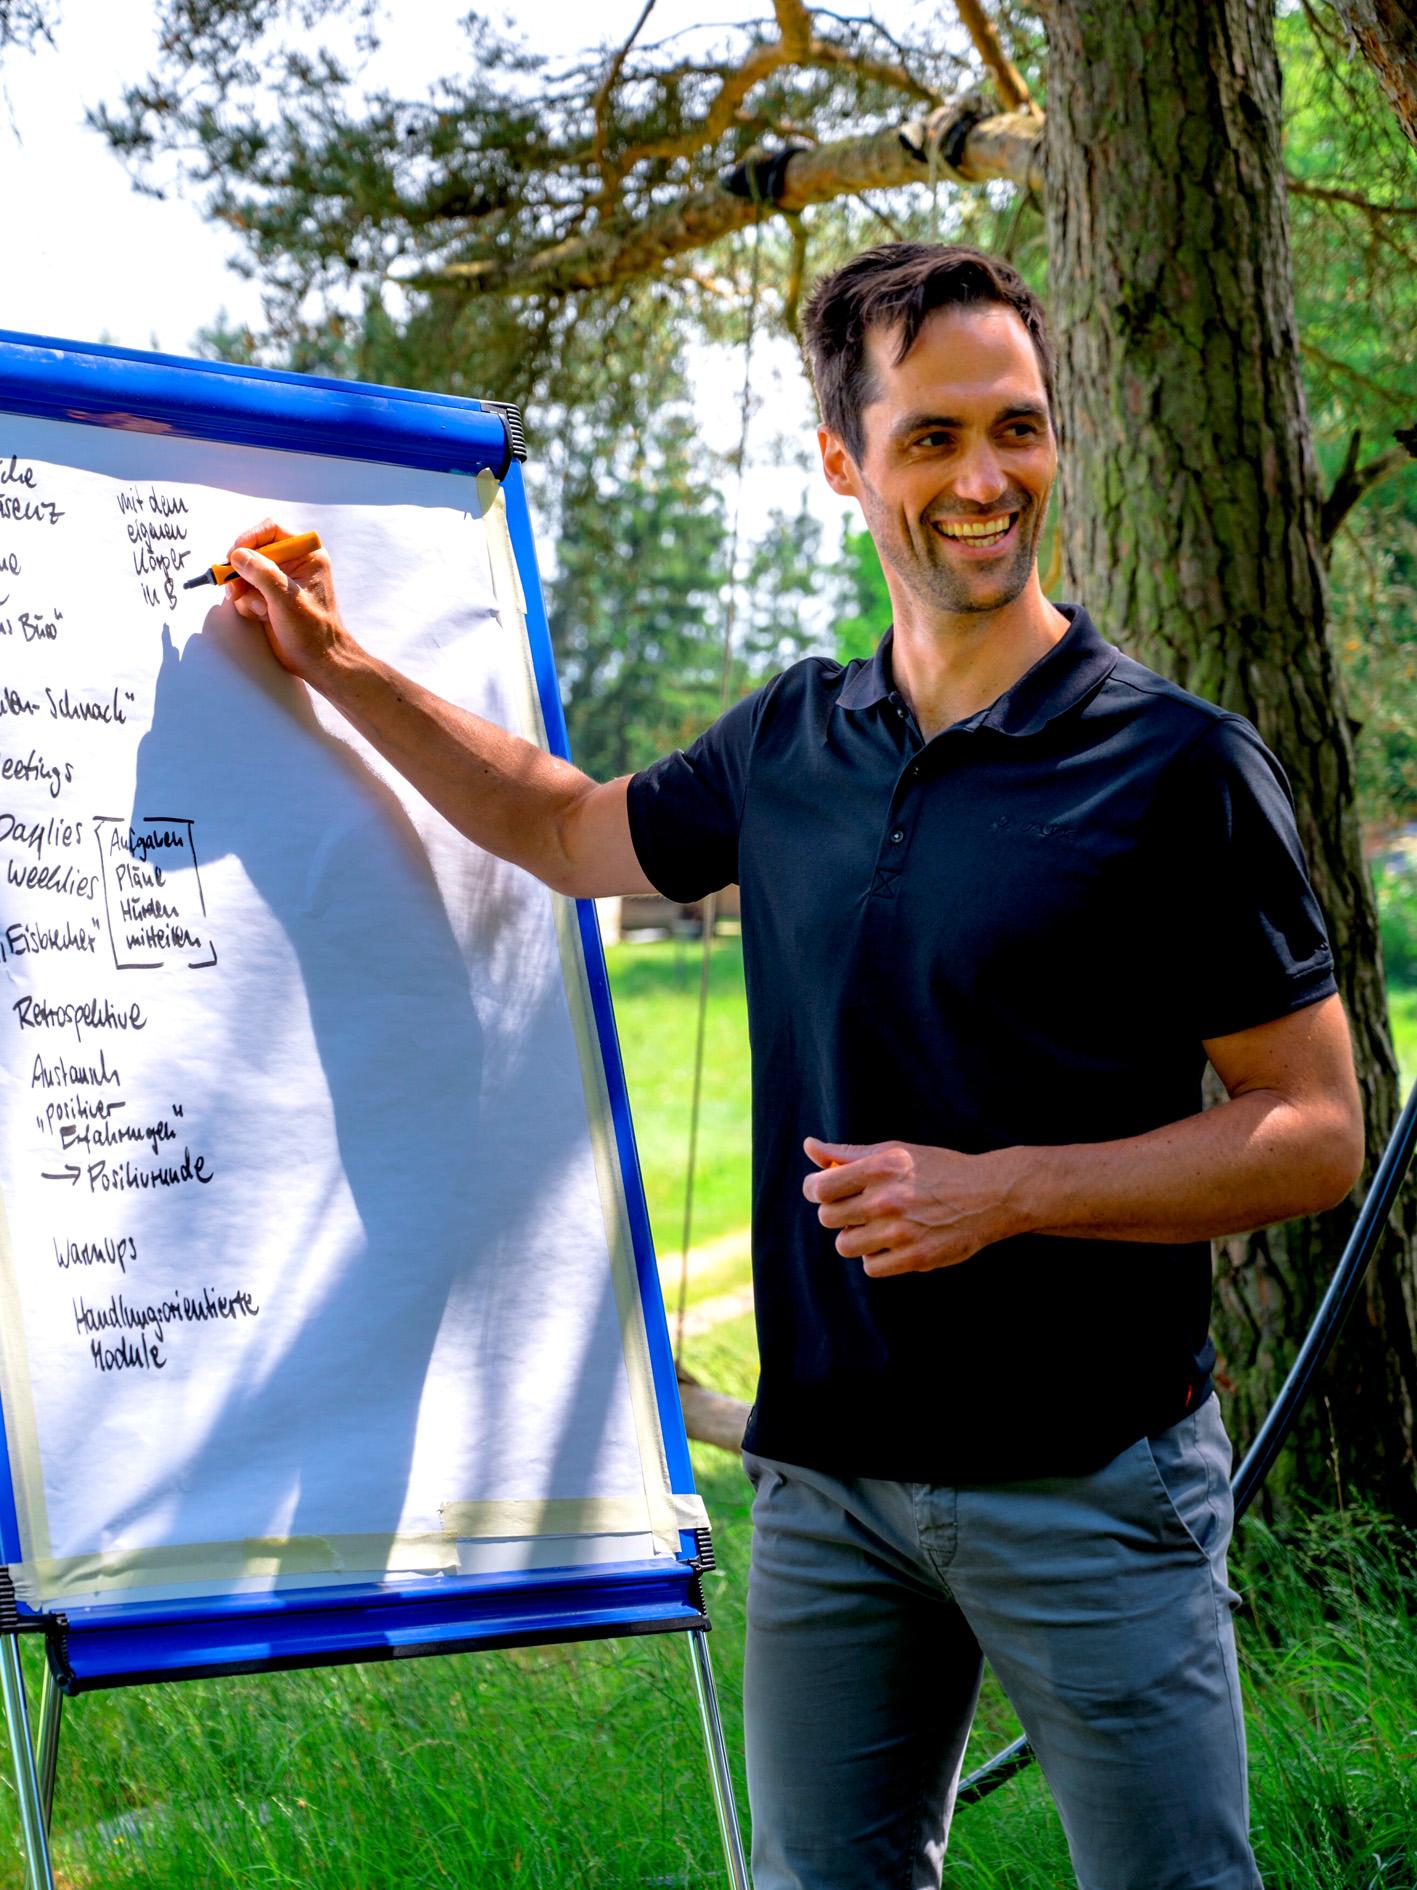 Beim Brainstorming mit Führungskräften am Beuerhof. Foto:  Stephan Brendgen